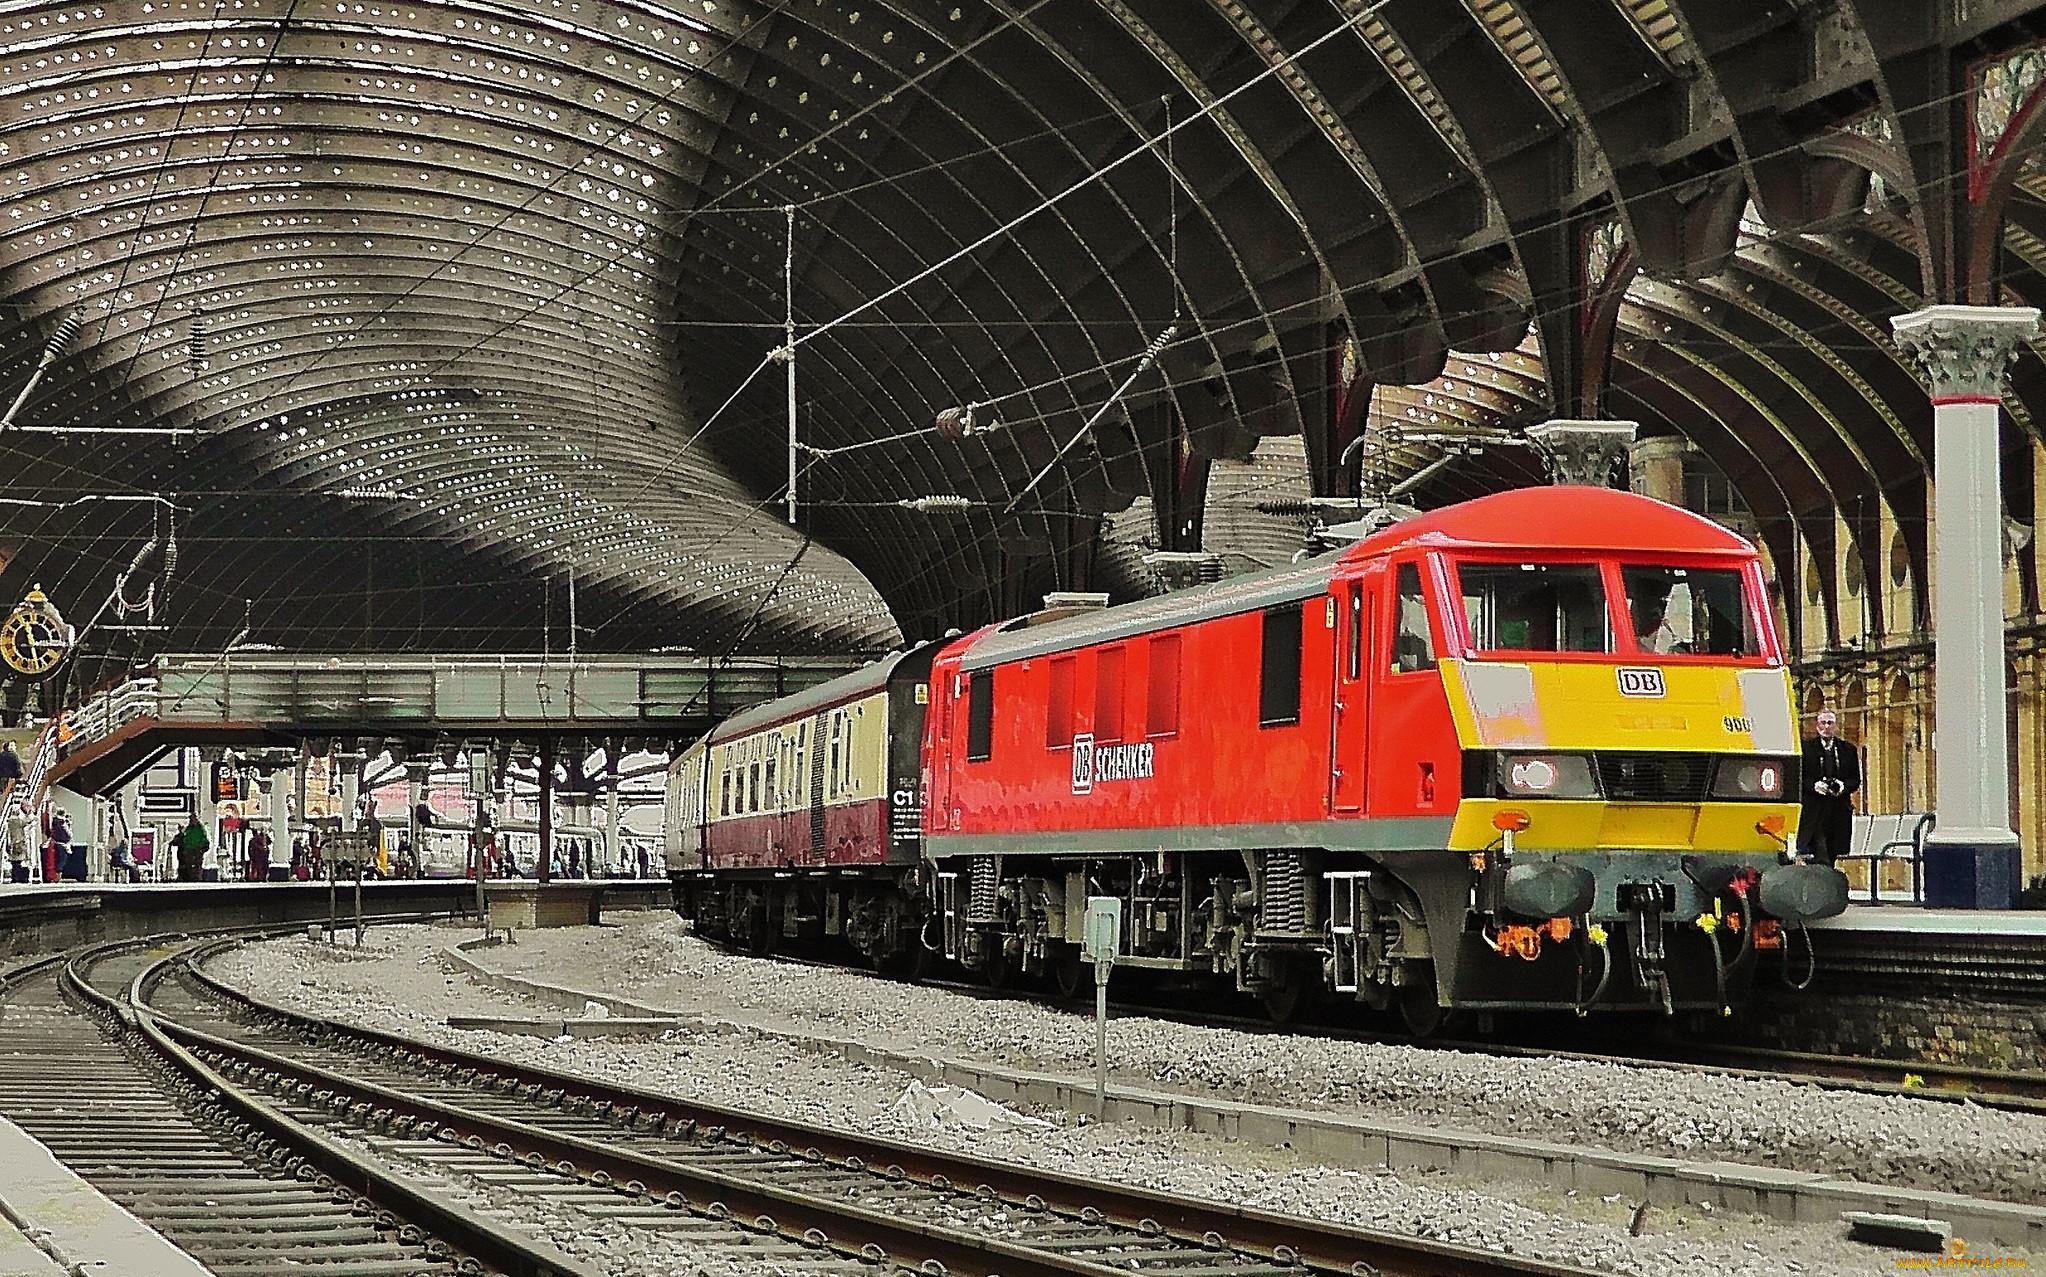 поздравления именам поезда на вокзале обои и картинки рецепты